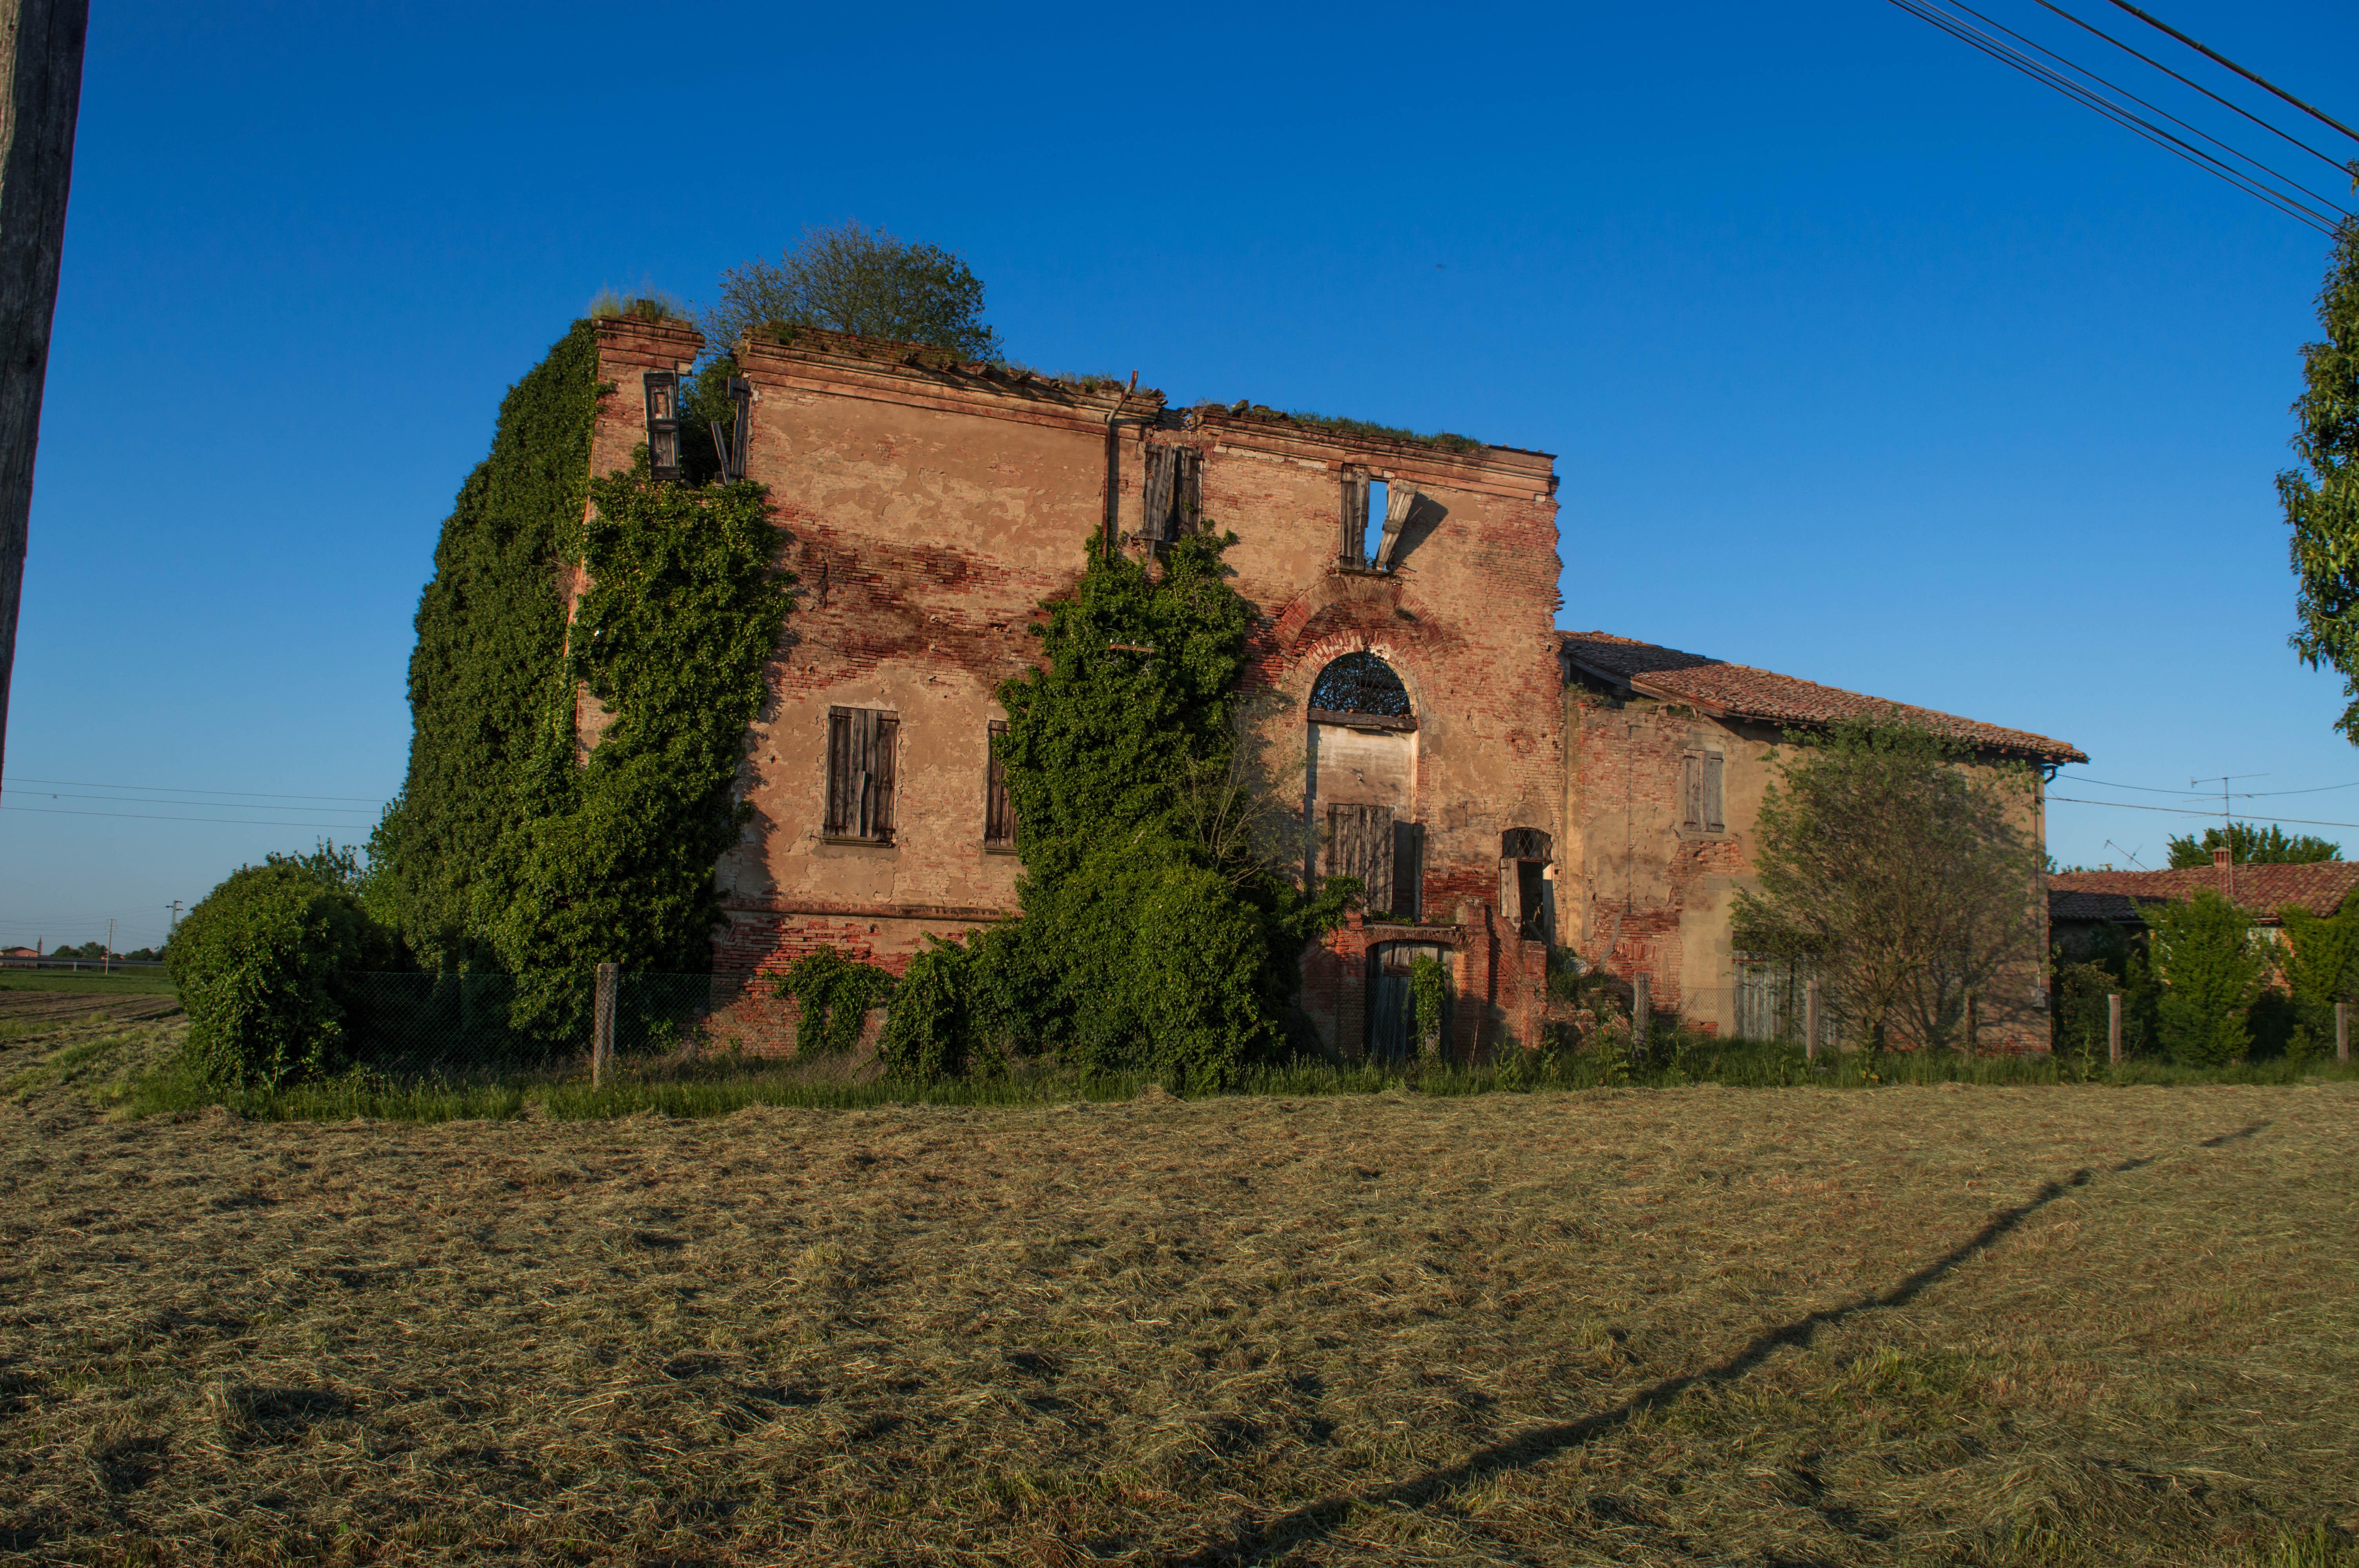 Palazzo_Sforza Mezzolara